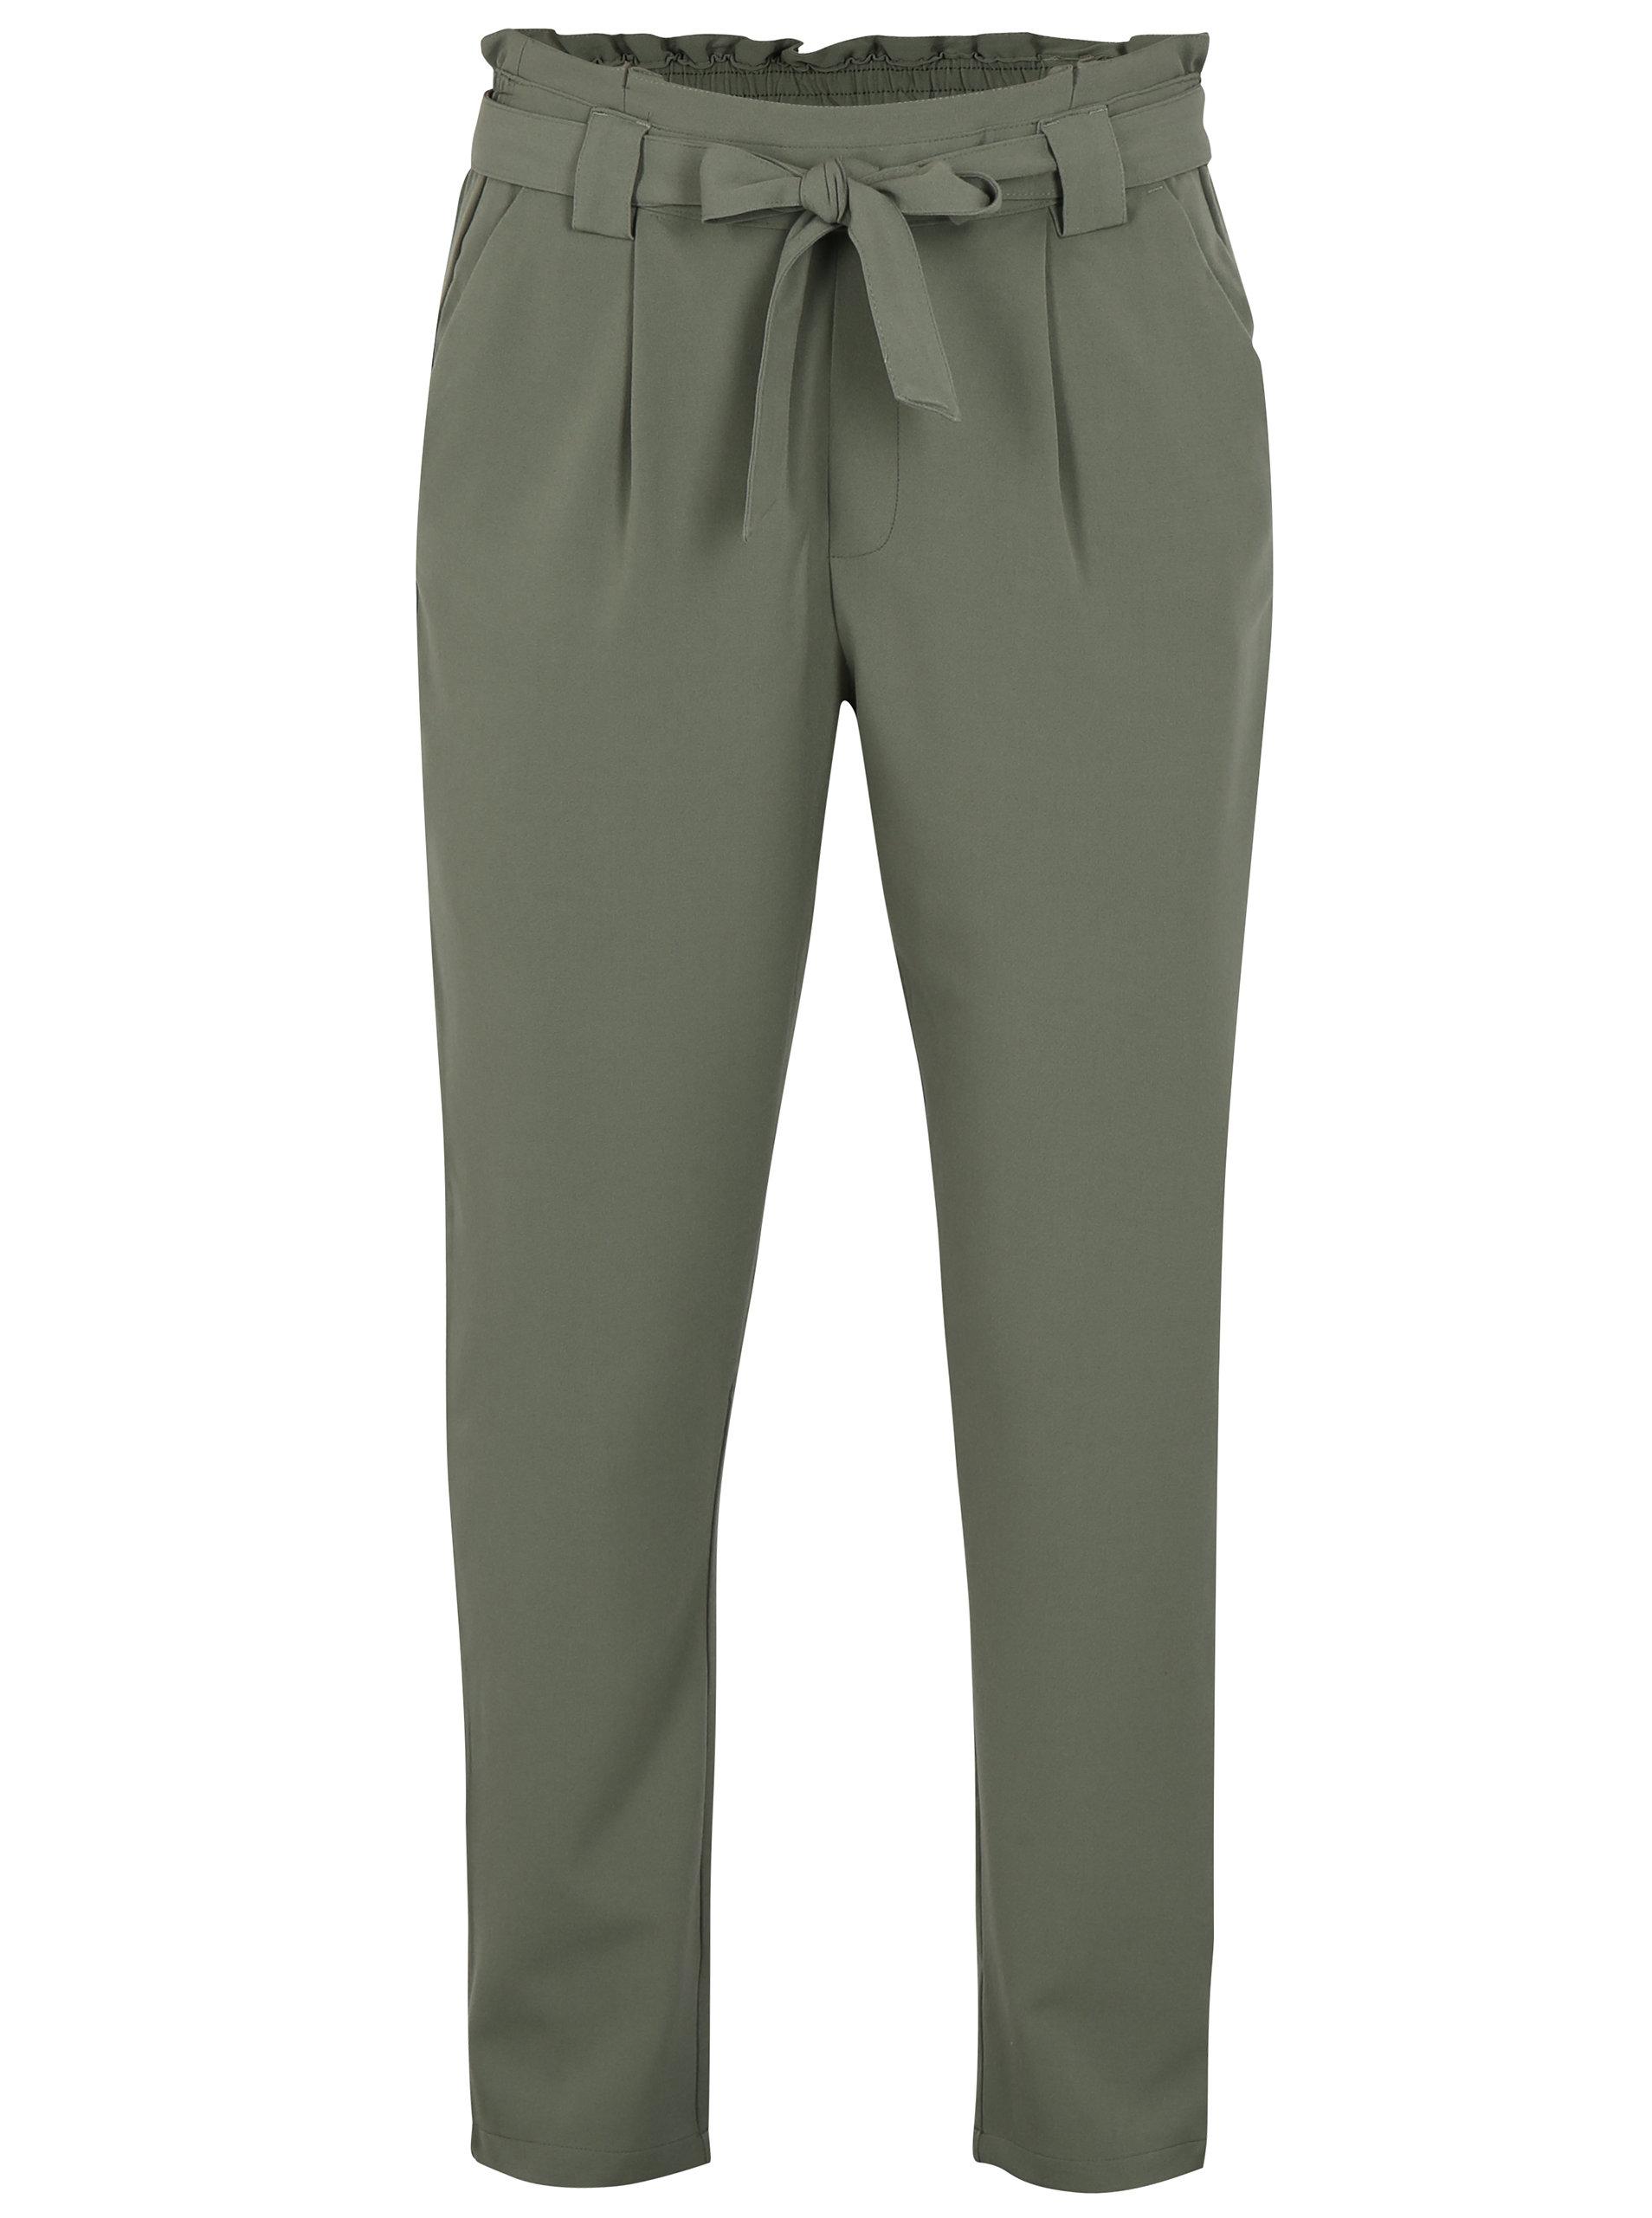 131bfb3fa416 Olivově zelené kalhoty s vysokým pasem Jacqueline de Yong Dakota ...